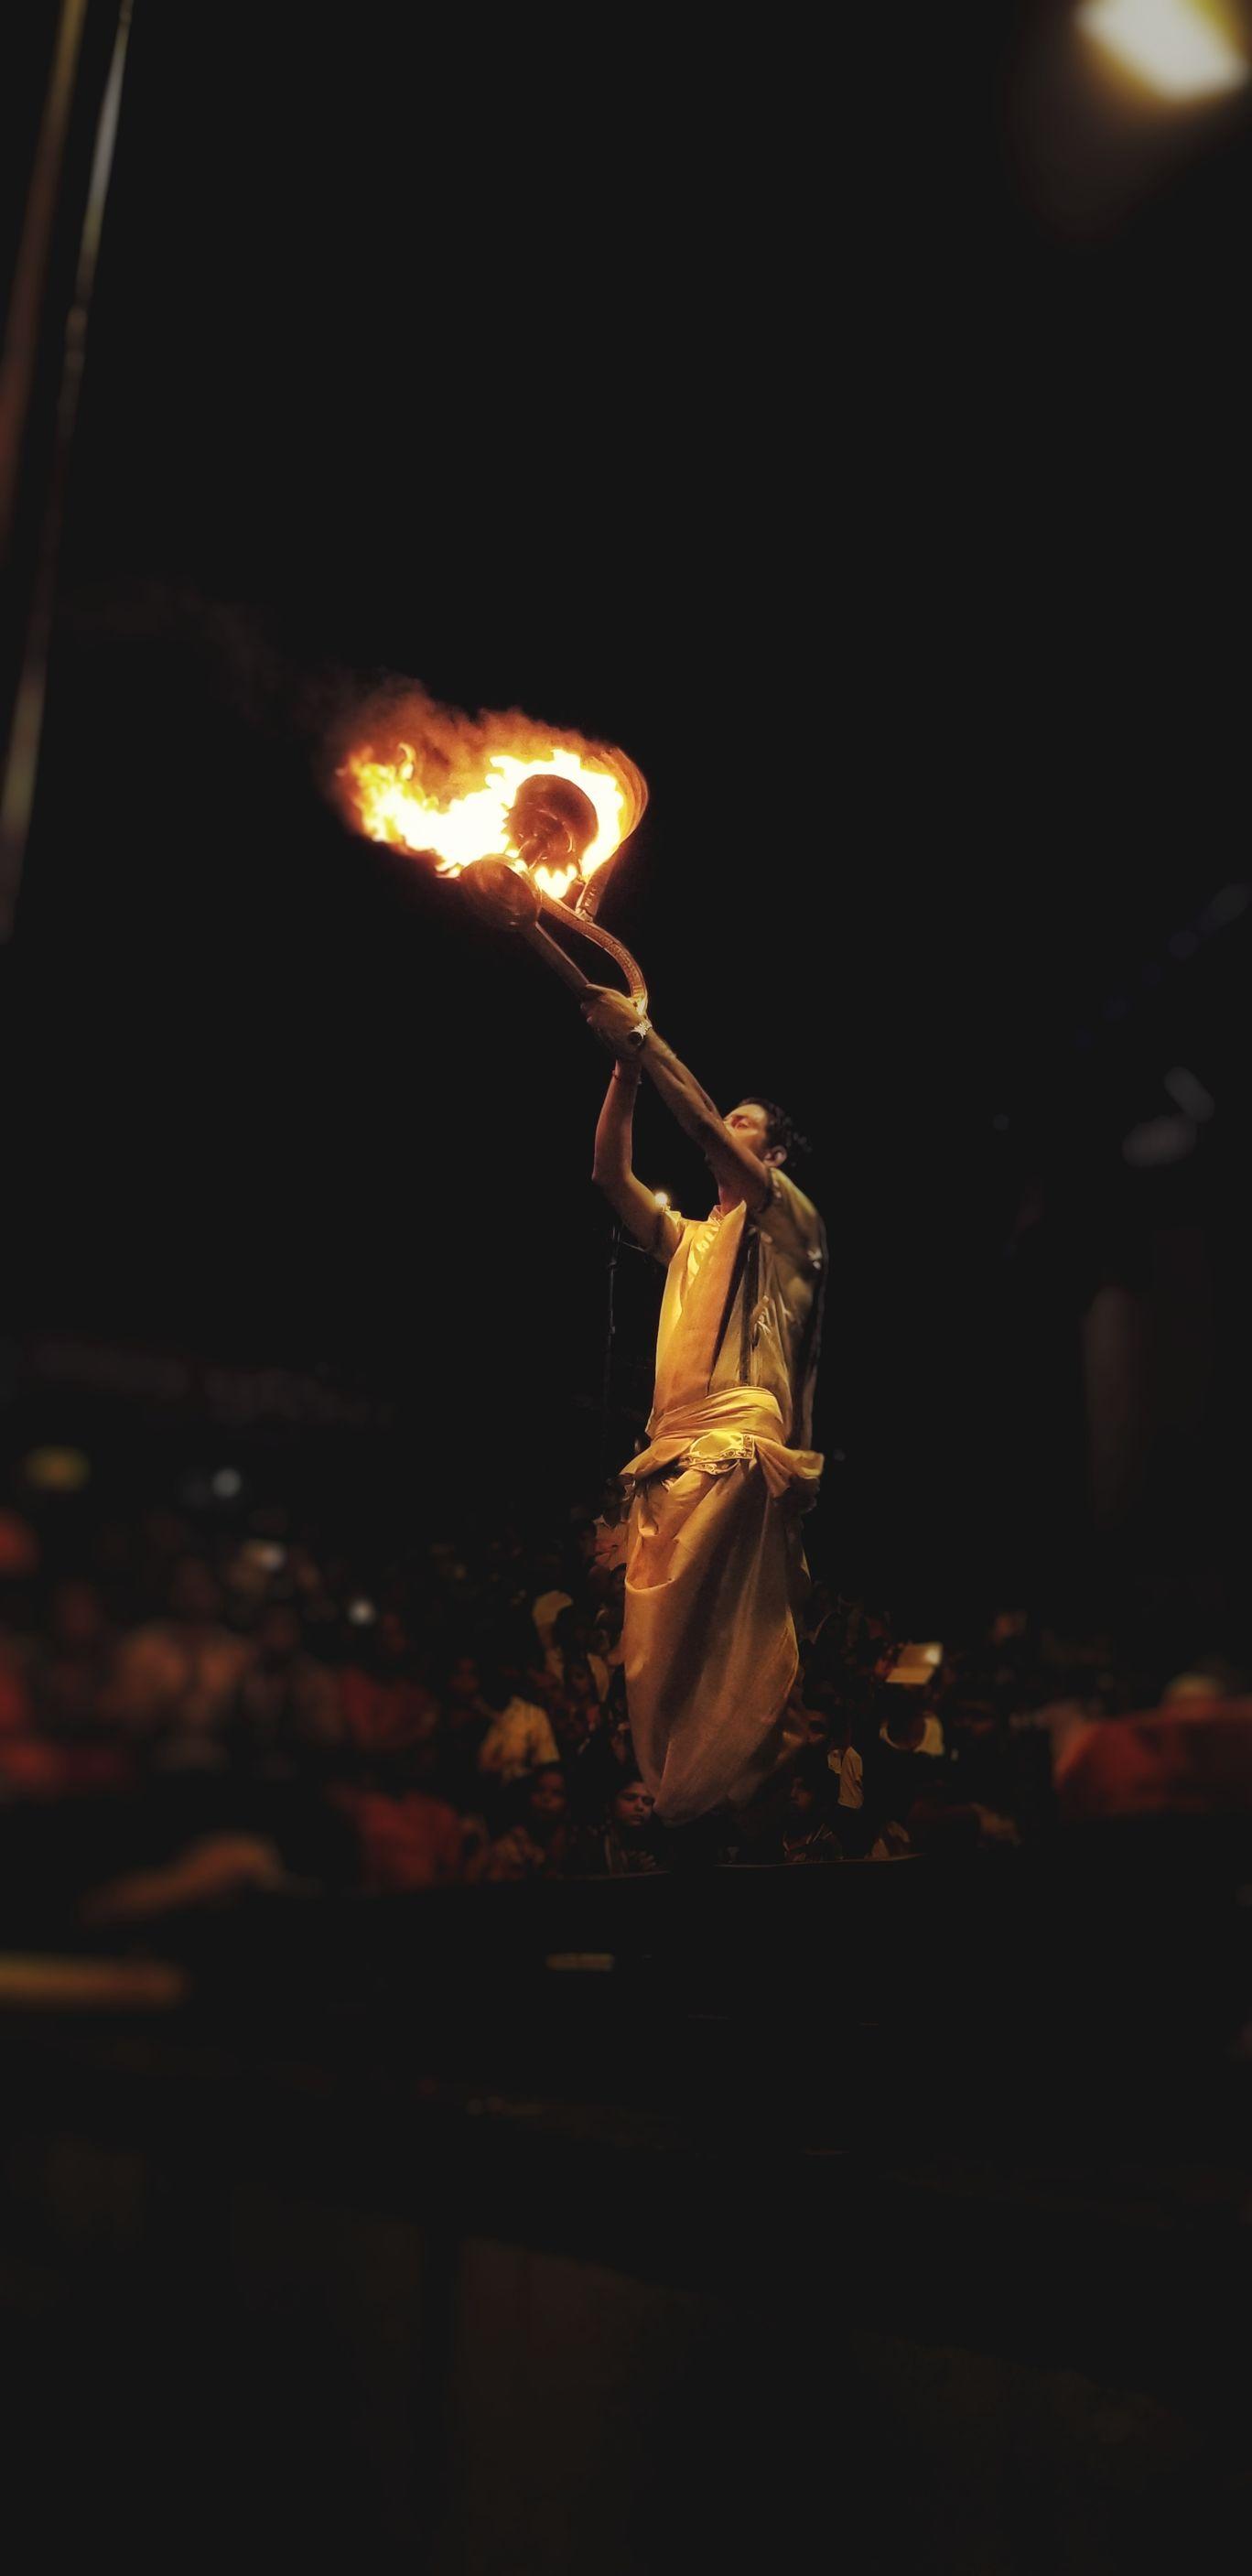 Photo of Varanasi By Sunny Shah